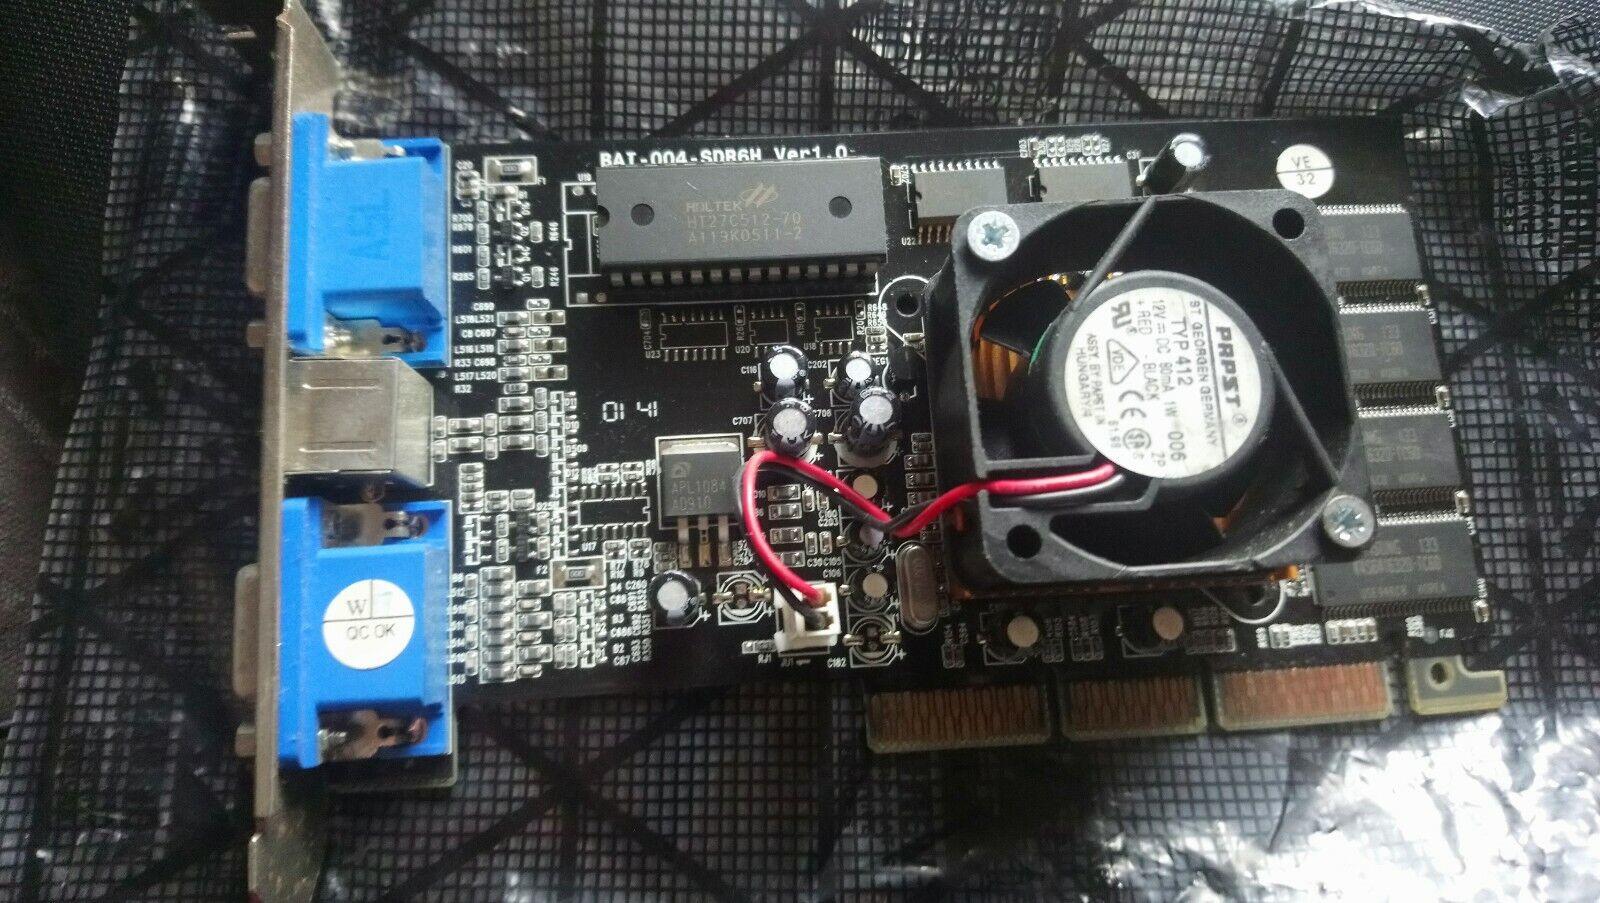 ATI Radeon GRAPHICS CARD 32MB